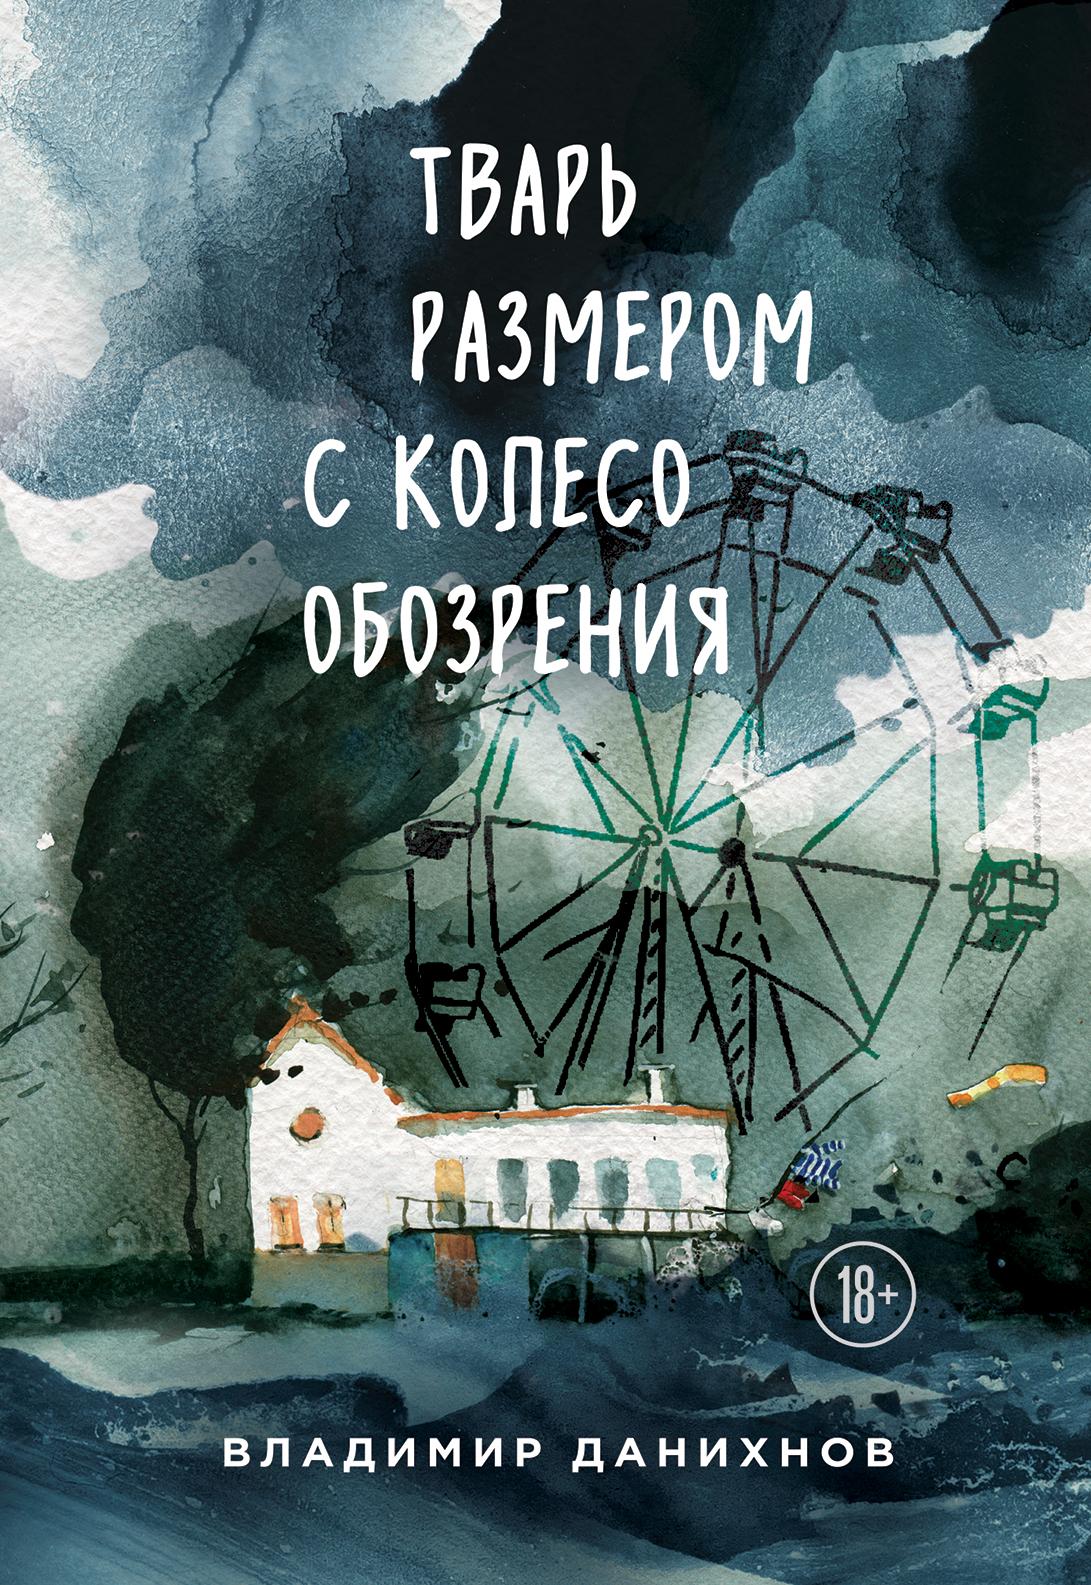 Владимир Данихнов Тварь размером с колесо обозрения мао цзэдун великий кормчий мао цзэдун не бояться трудностей не бояться смерти афоризмы цитаты высказывания